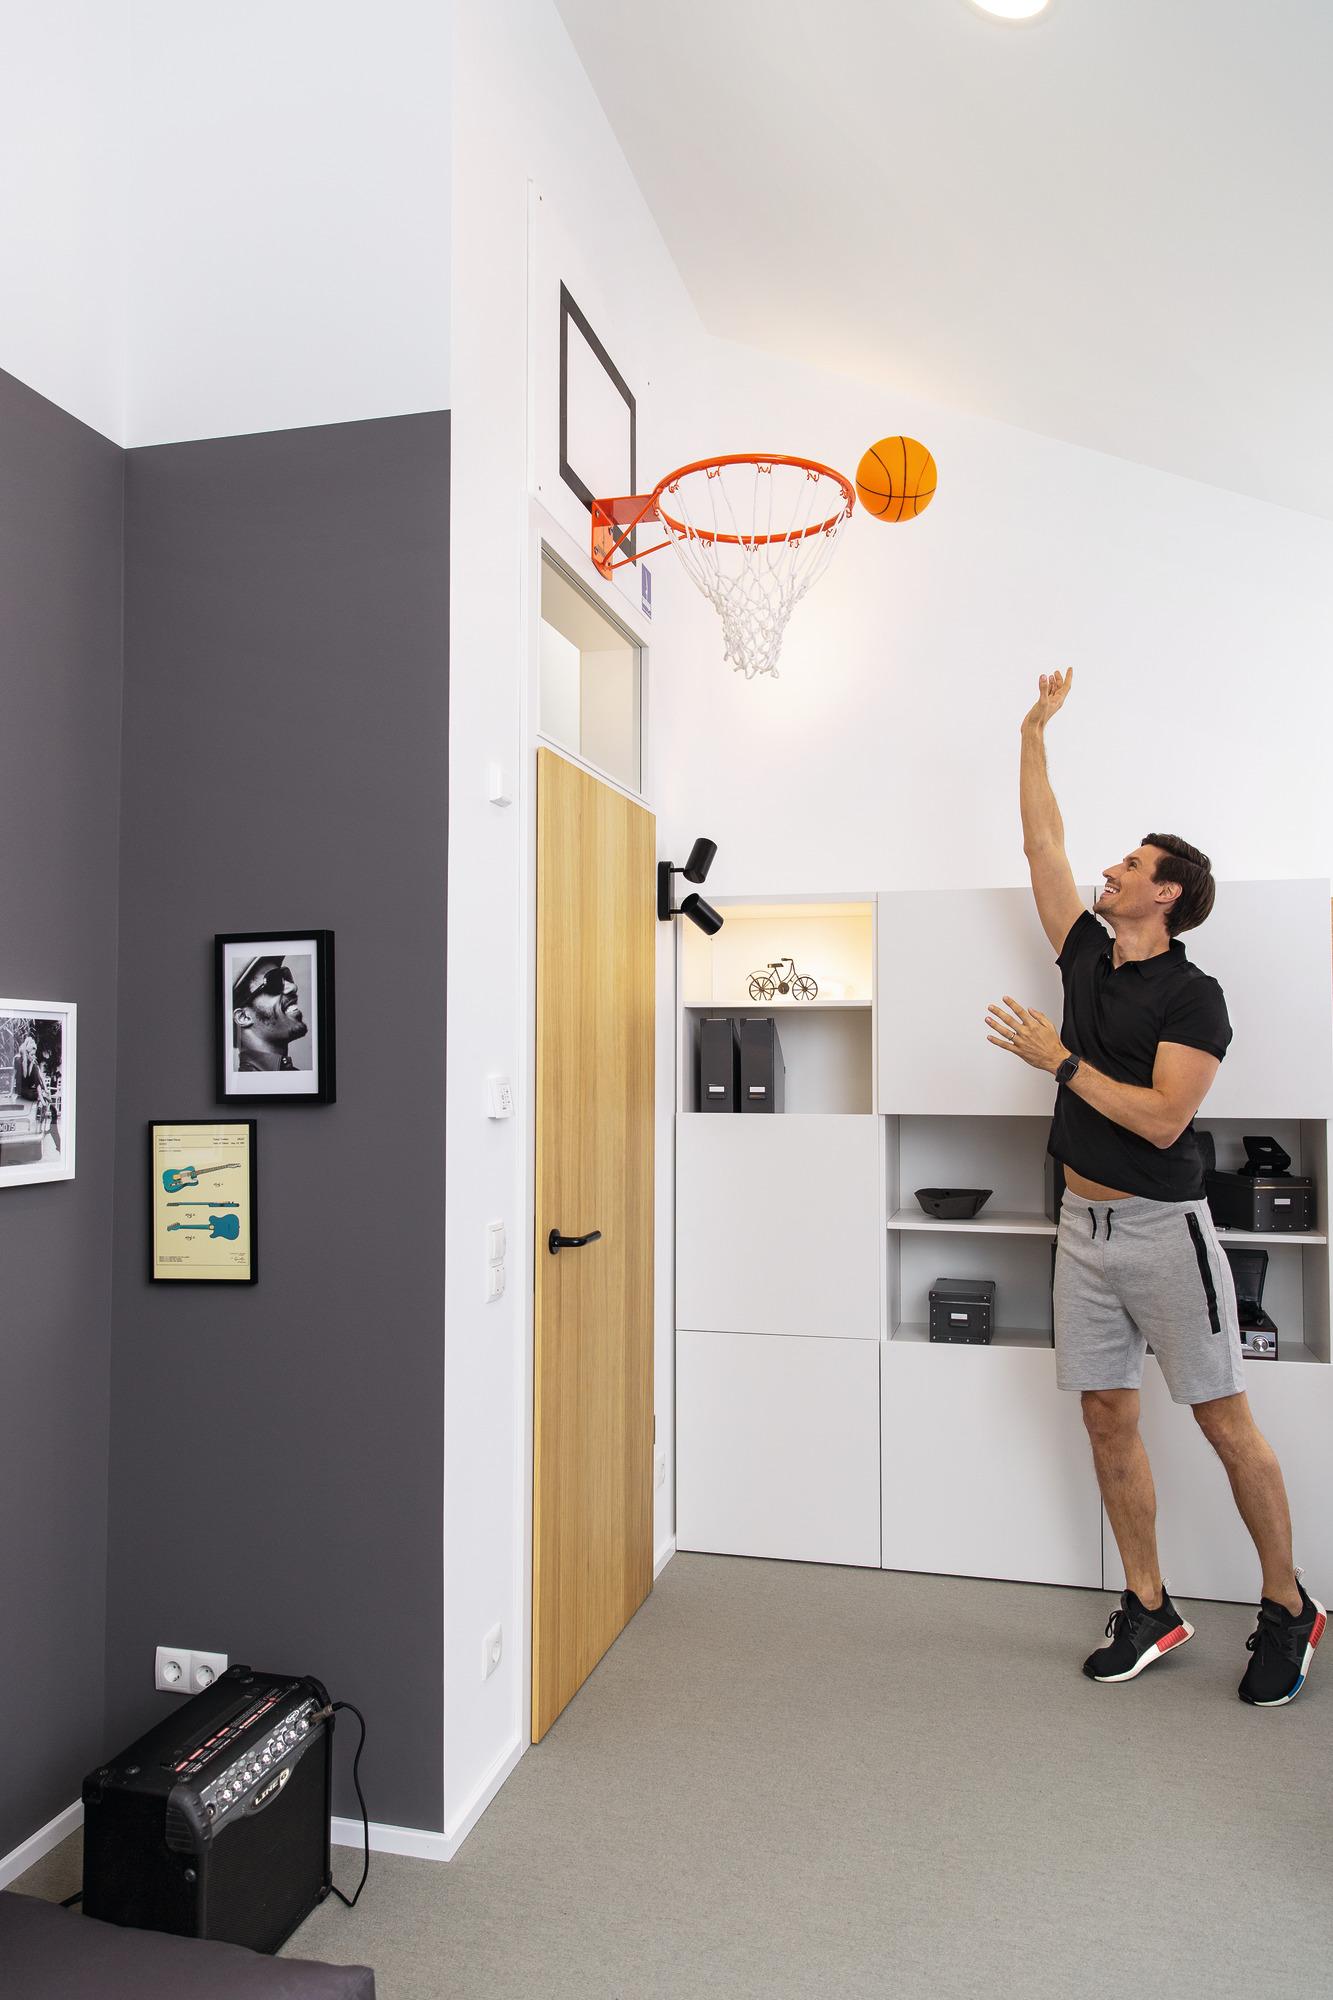 Hobbyzimmer mit Basketballkorb